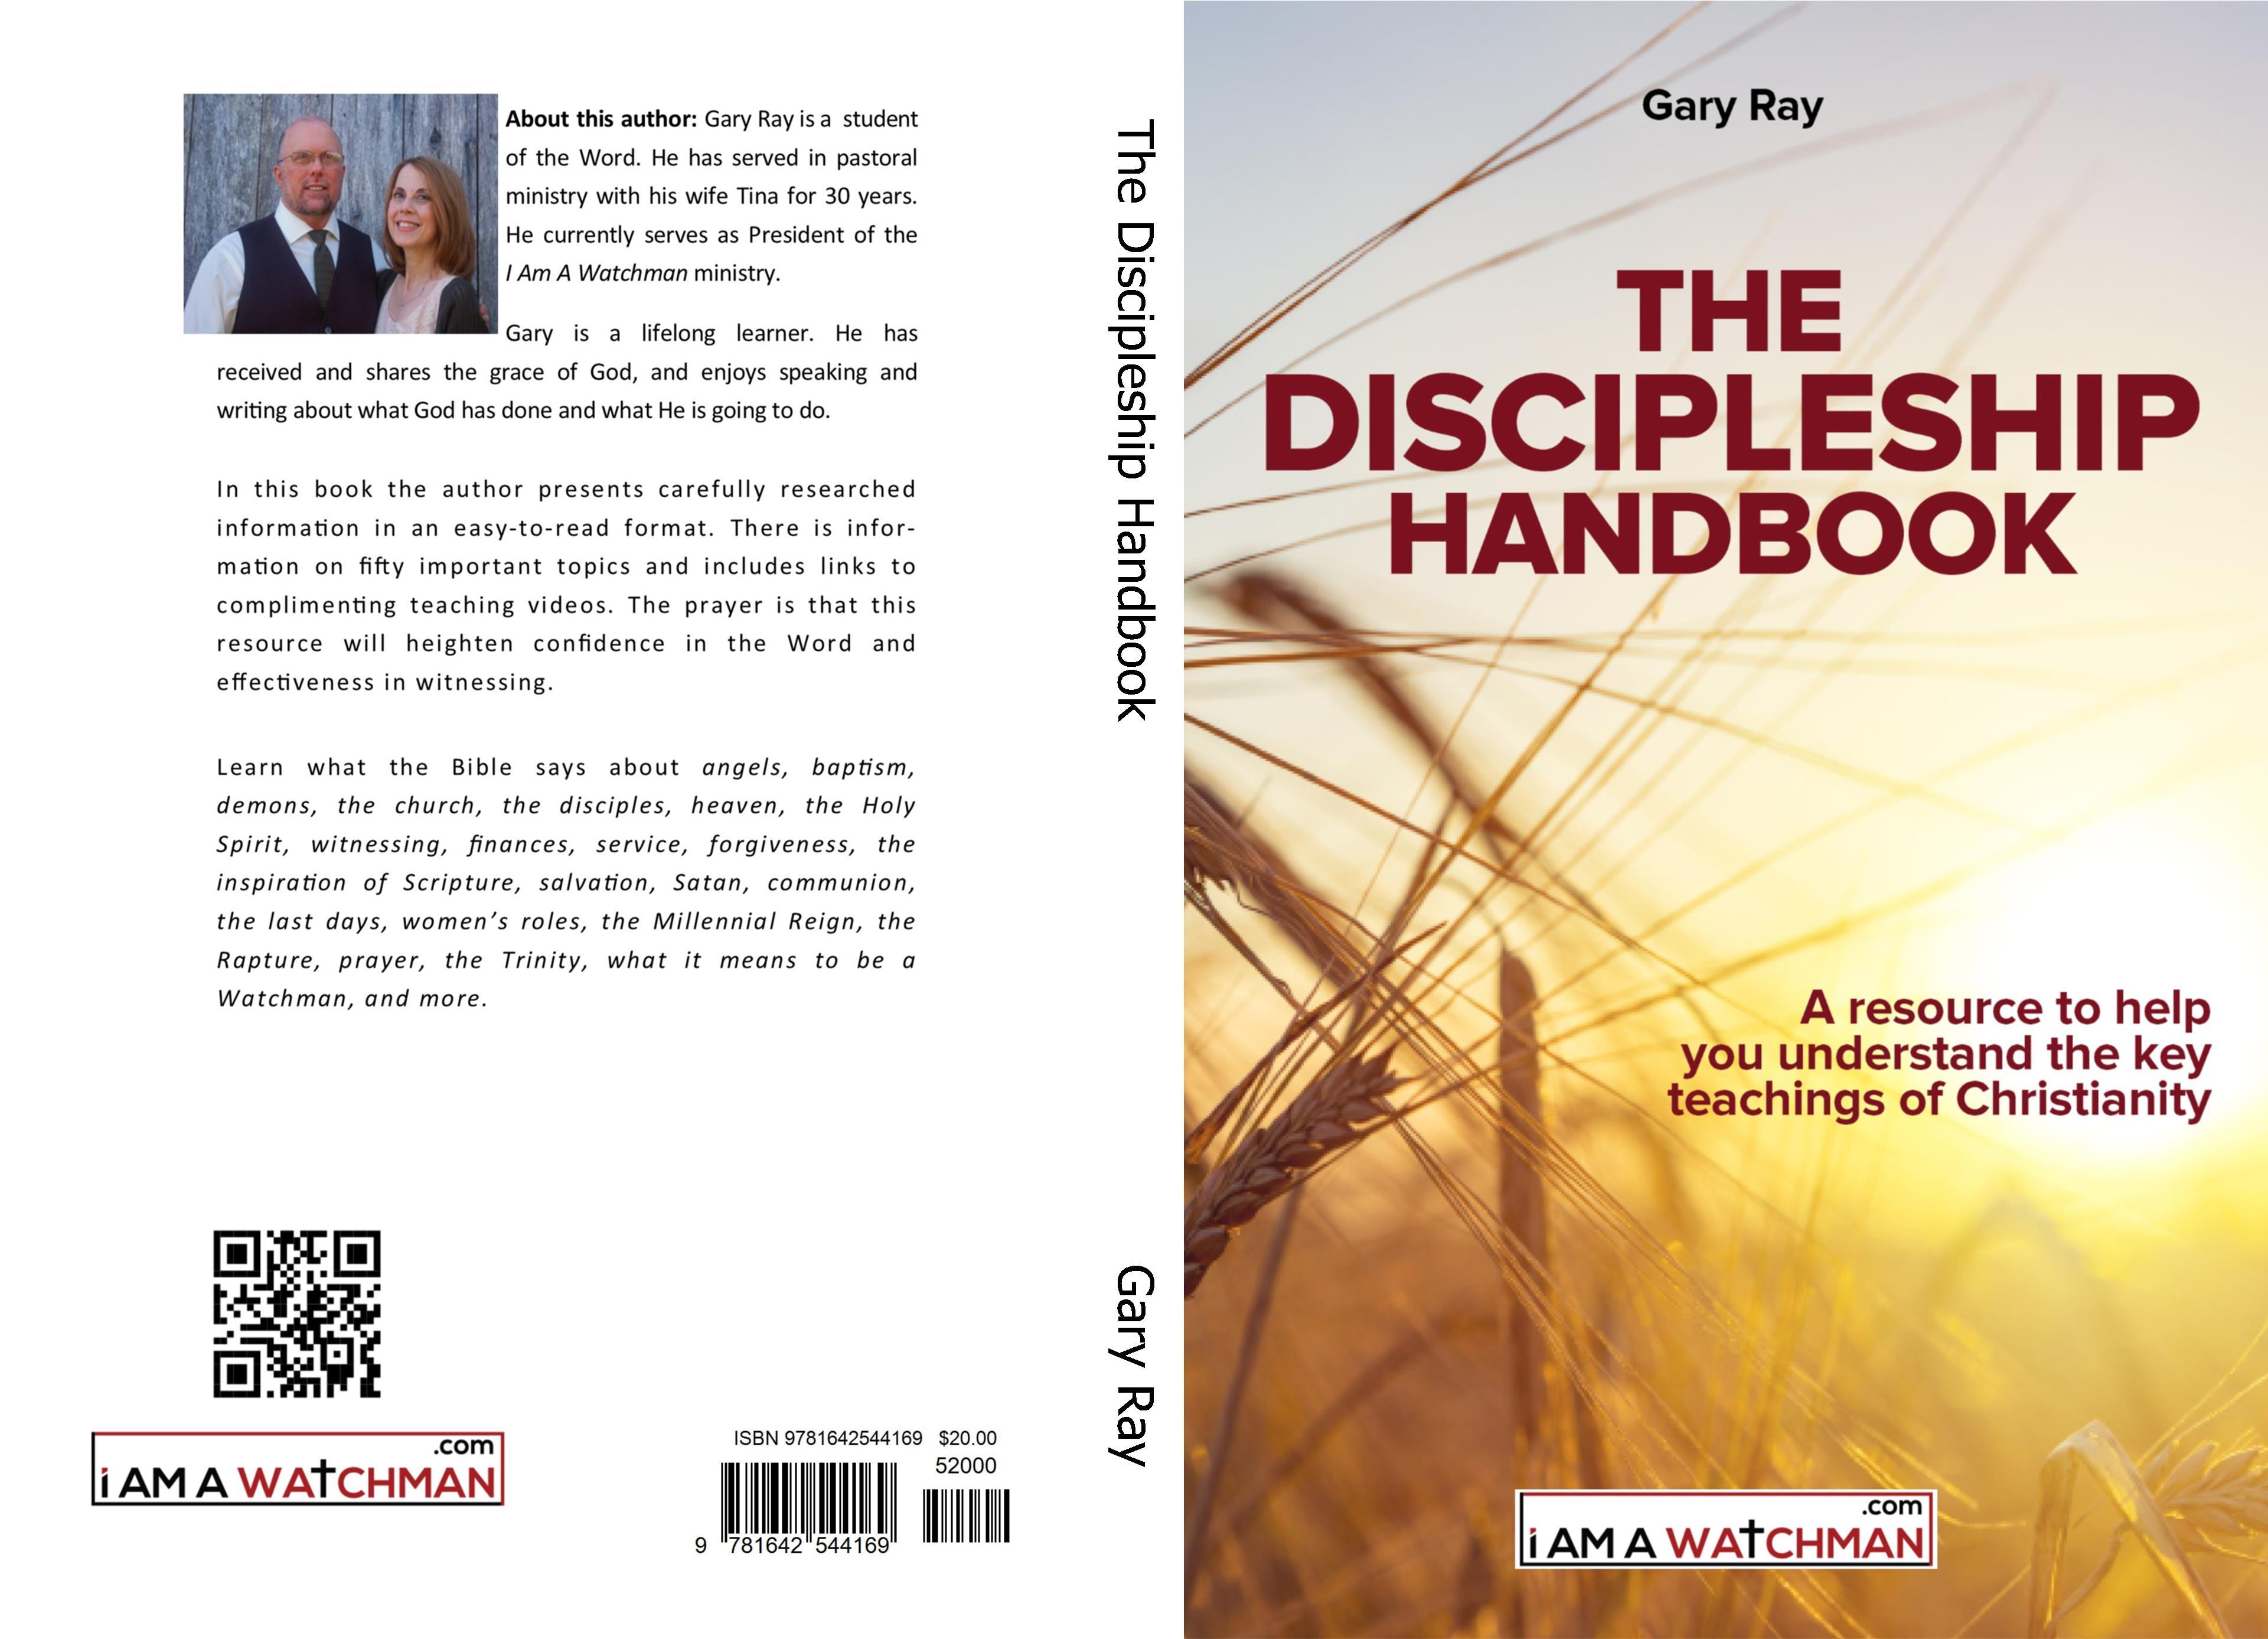 The Discipleship Handbook by Gary Ray : $20 00